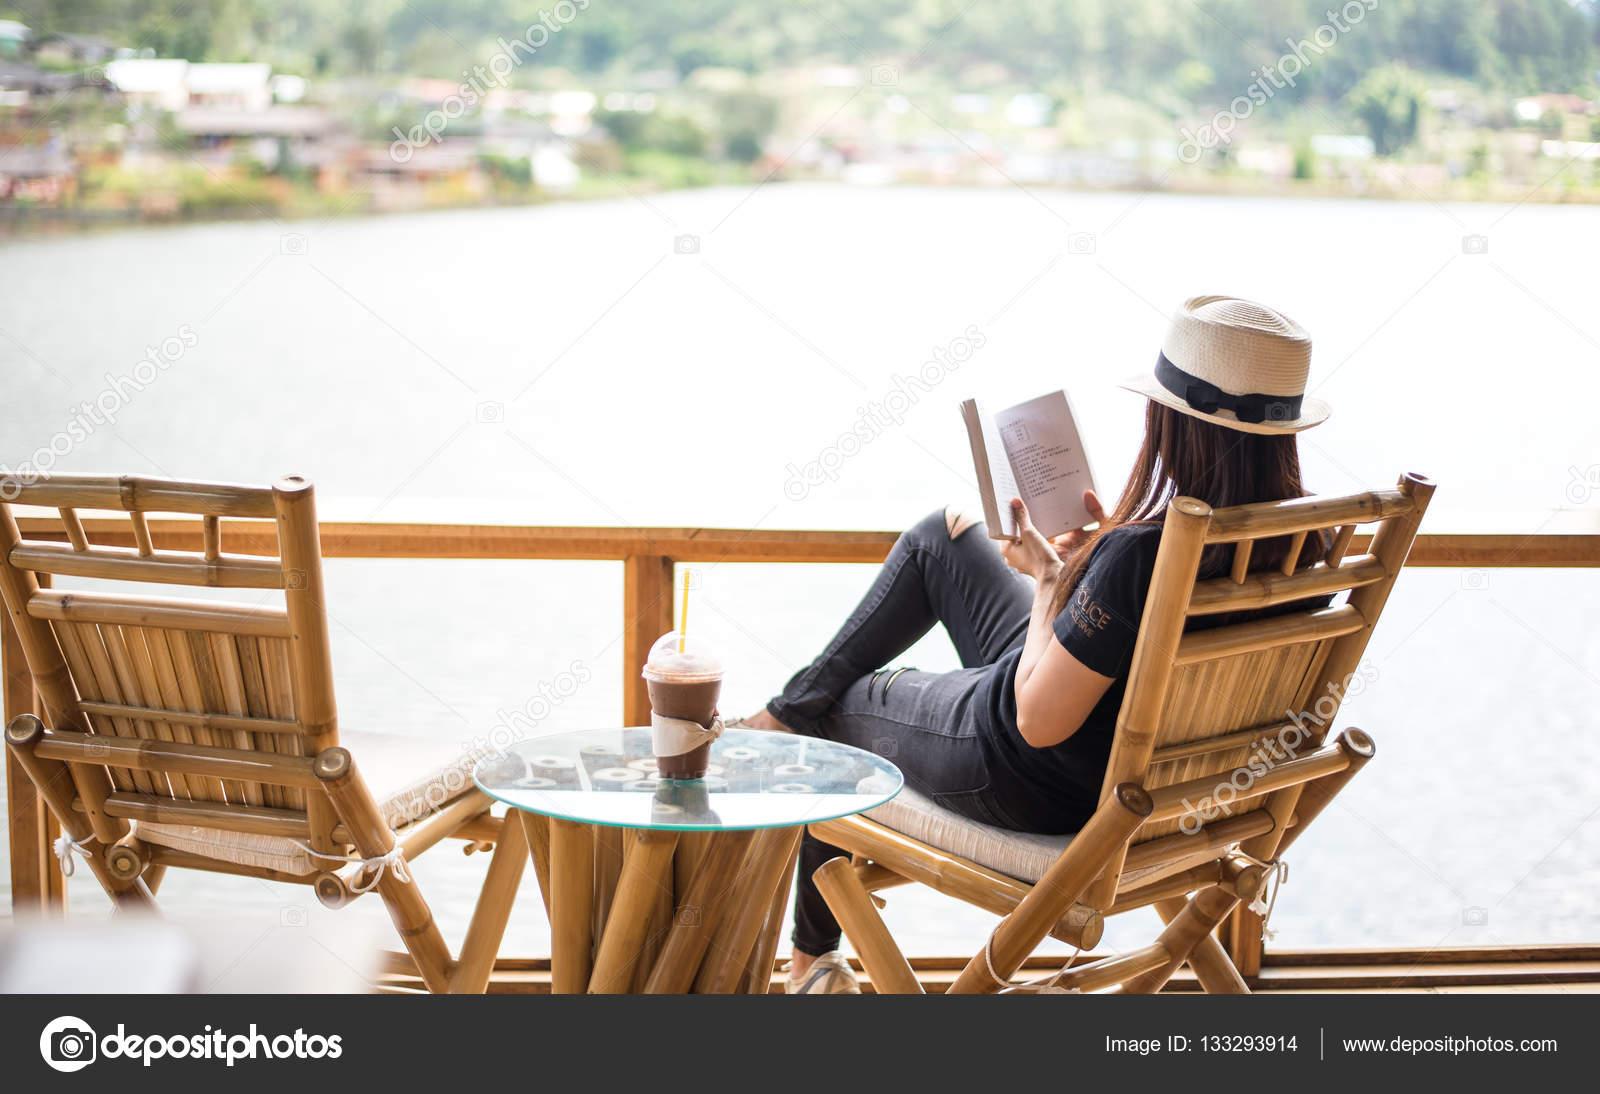 Frau Liest Ein Buch Liegen Und Getränk Eiskaffee Auf Dem Stuhl